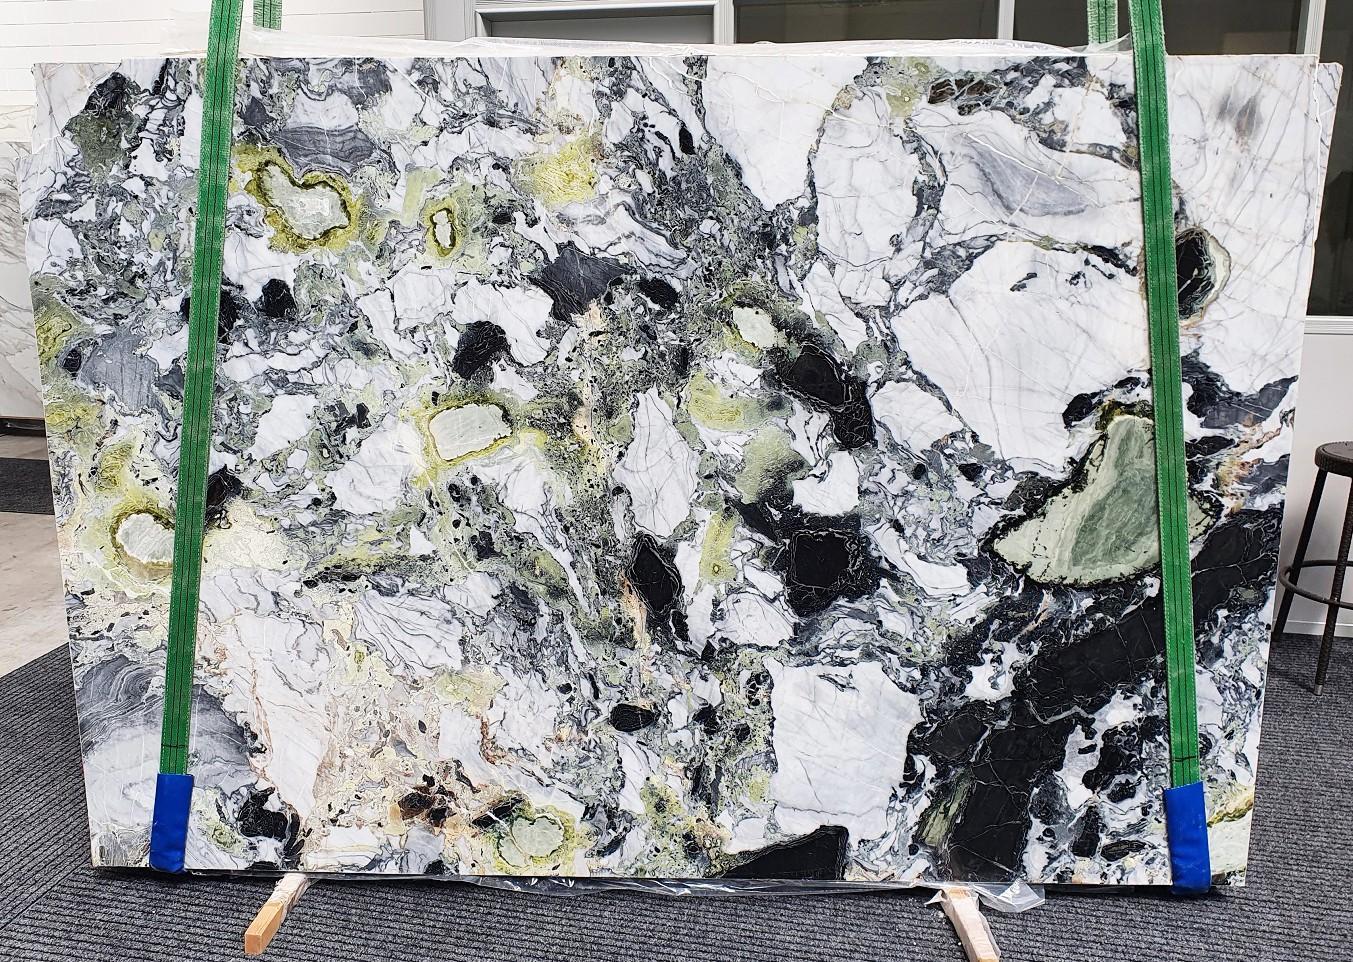 AMAZONIA polierte Unmaßplatten 1386 aus Natur Marmor , Slab #48: Lieferung Veneto, Italien